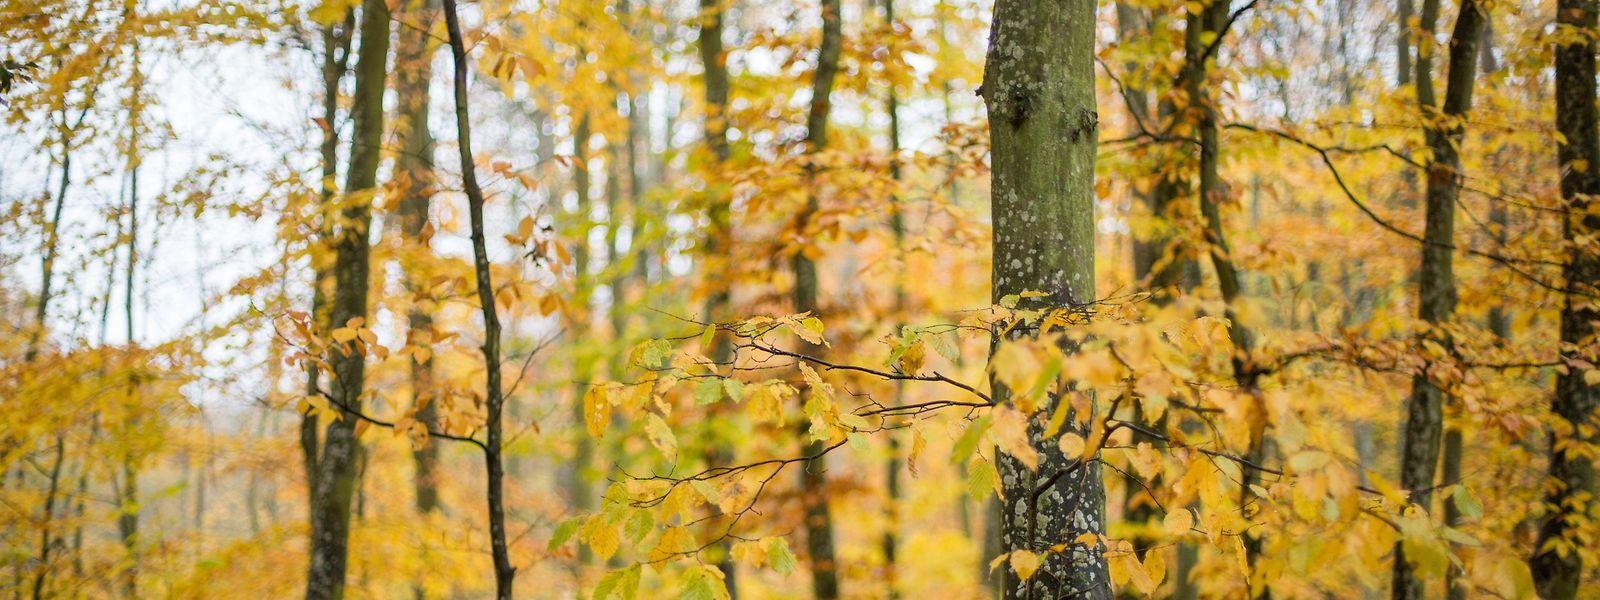 Der Herbst verabschiedet sich. Mit dem 1. Dezember hat der meteorologische Winter begonnen.